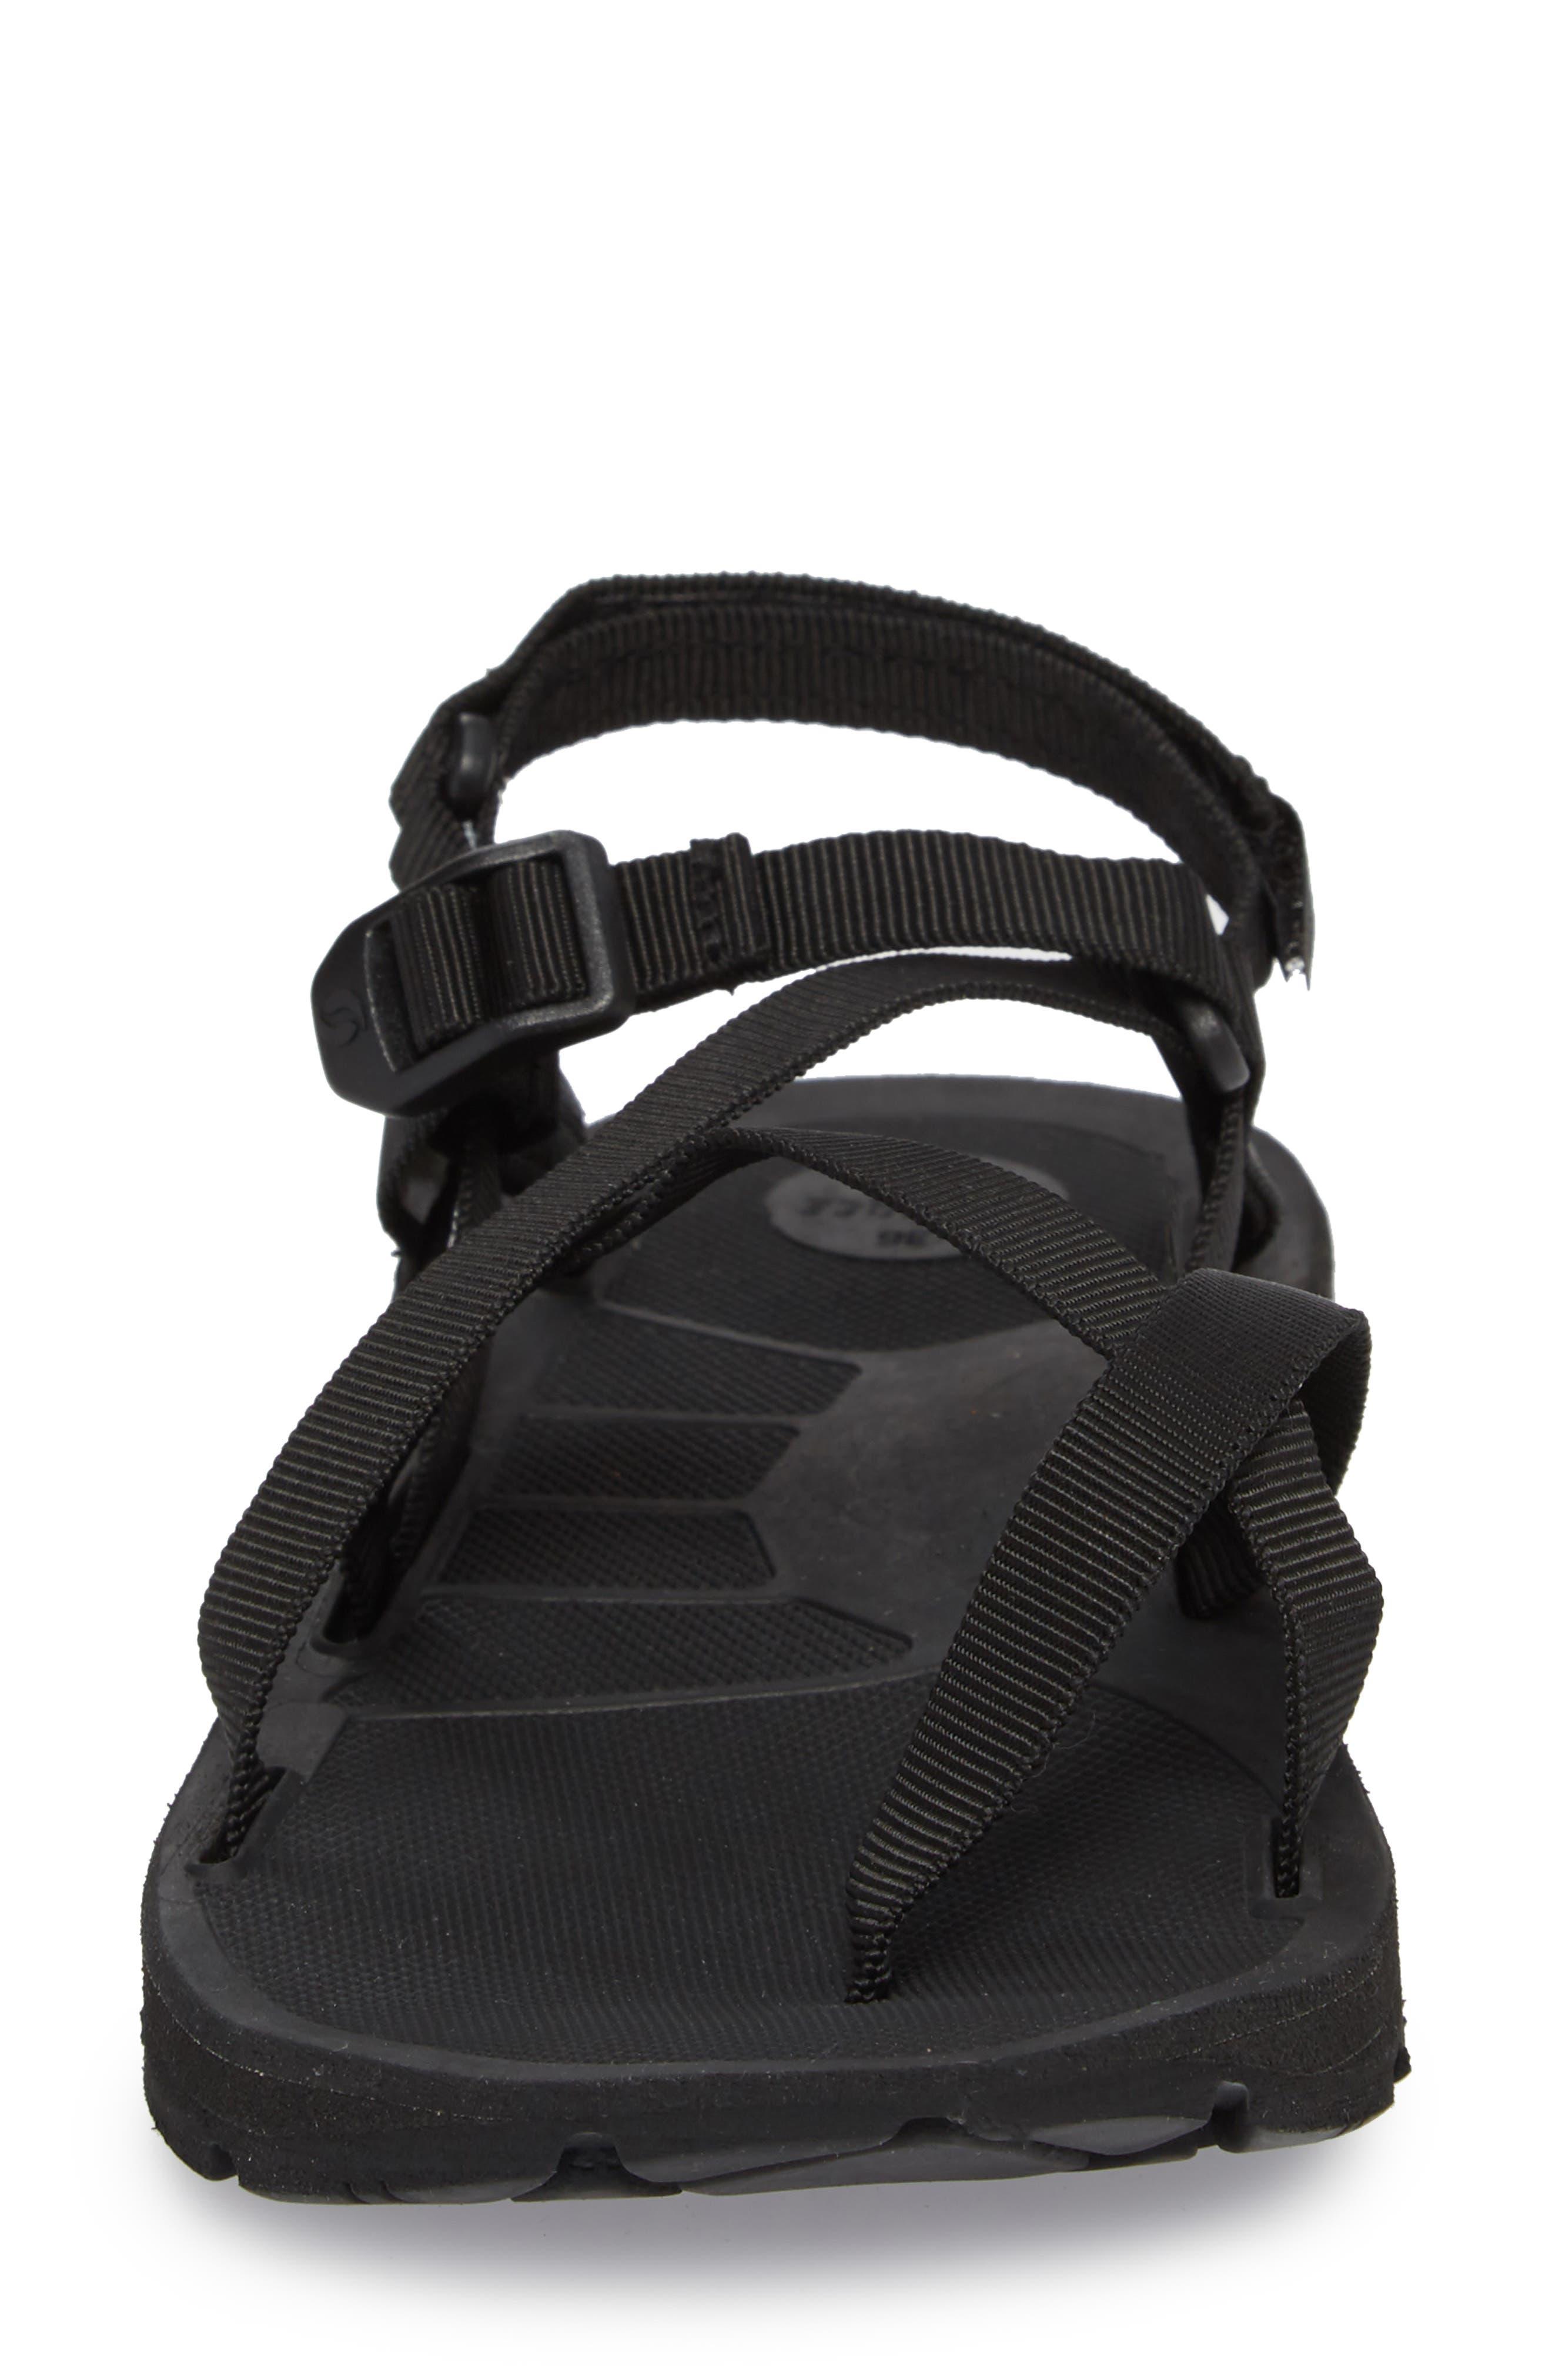 Shore Sandal,                             Alternate thumbnail 4, color,                             BLACK FABRIC